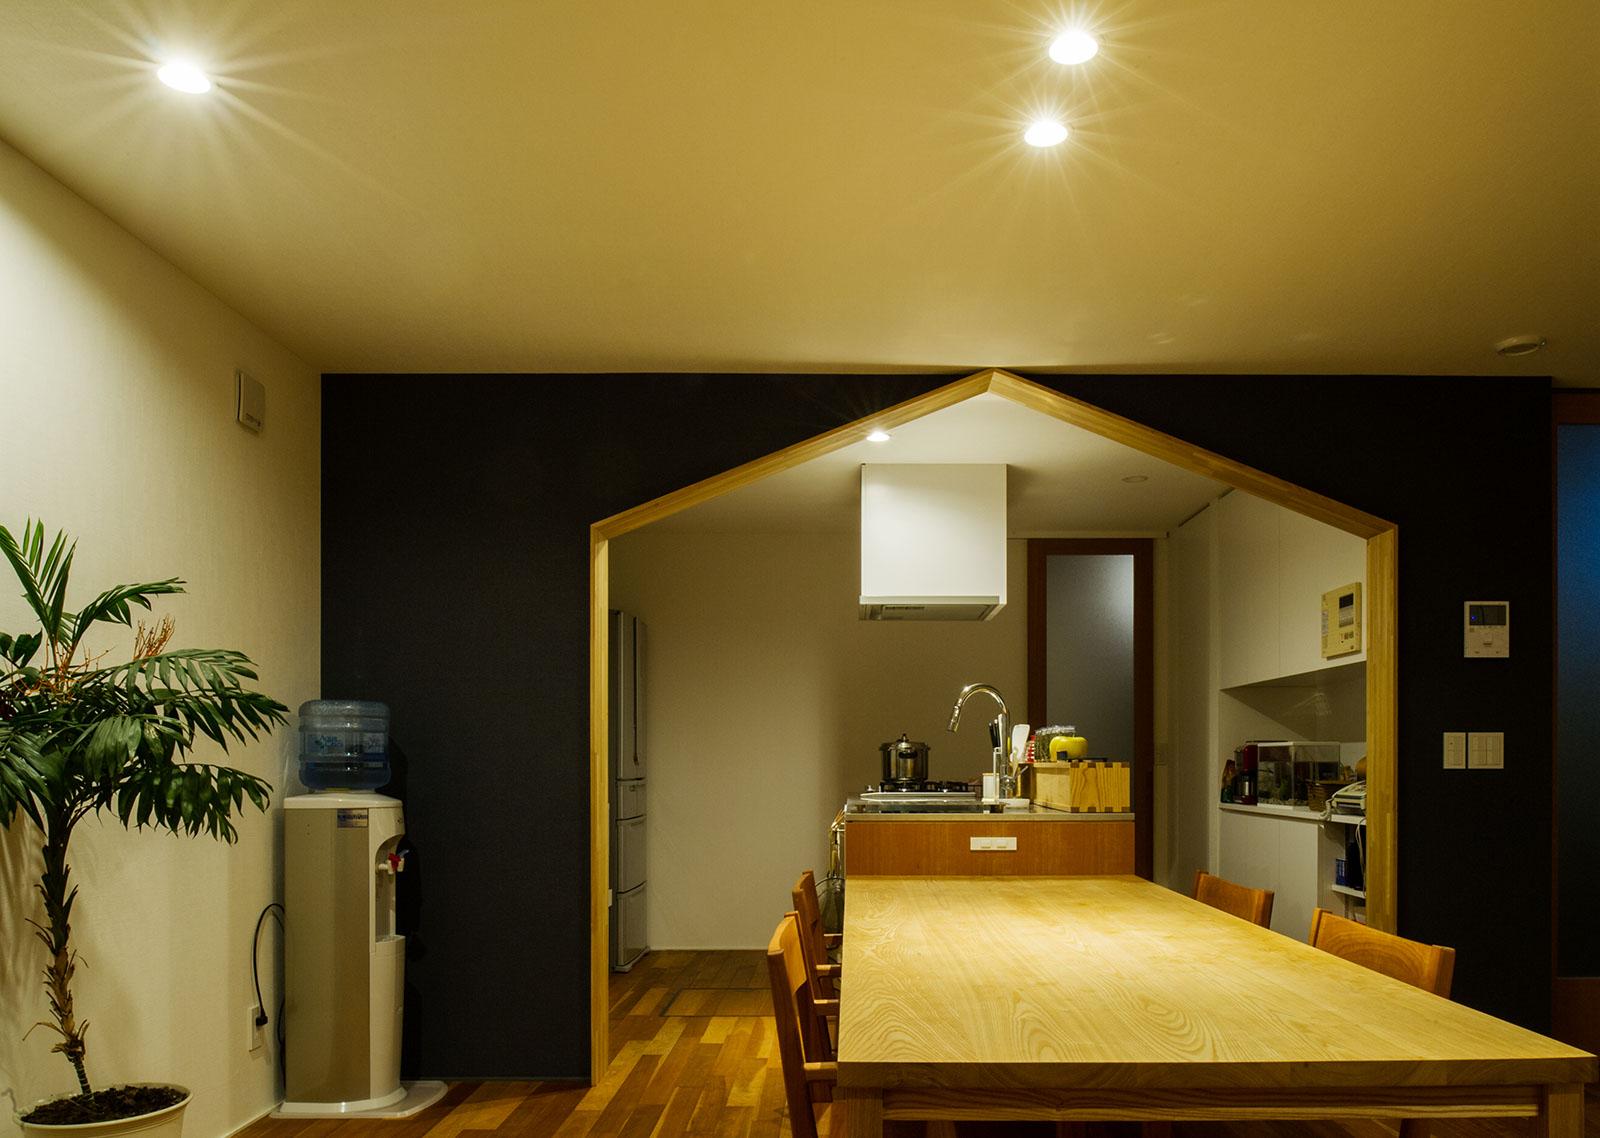 ダイニング・キッチンの壁も同じブラックの壁紙で統一感を